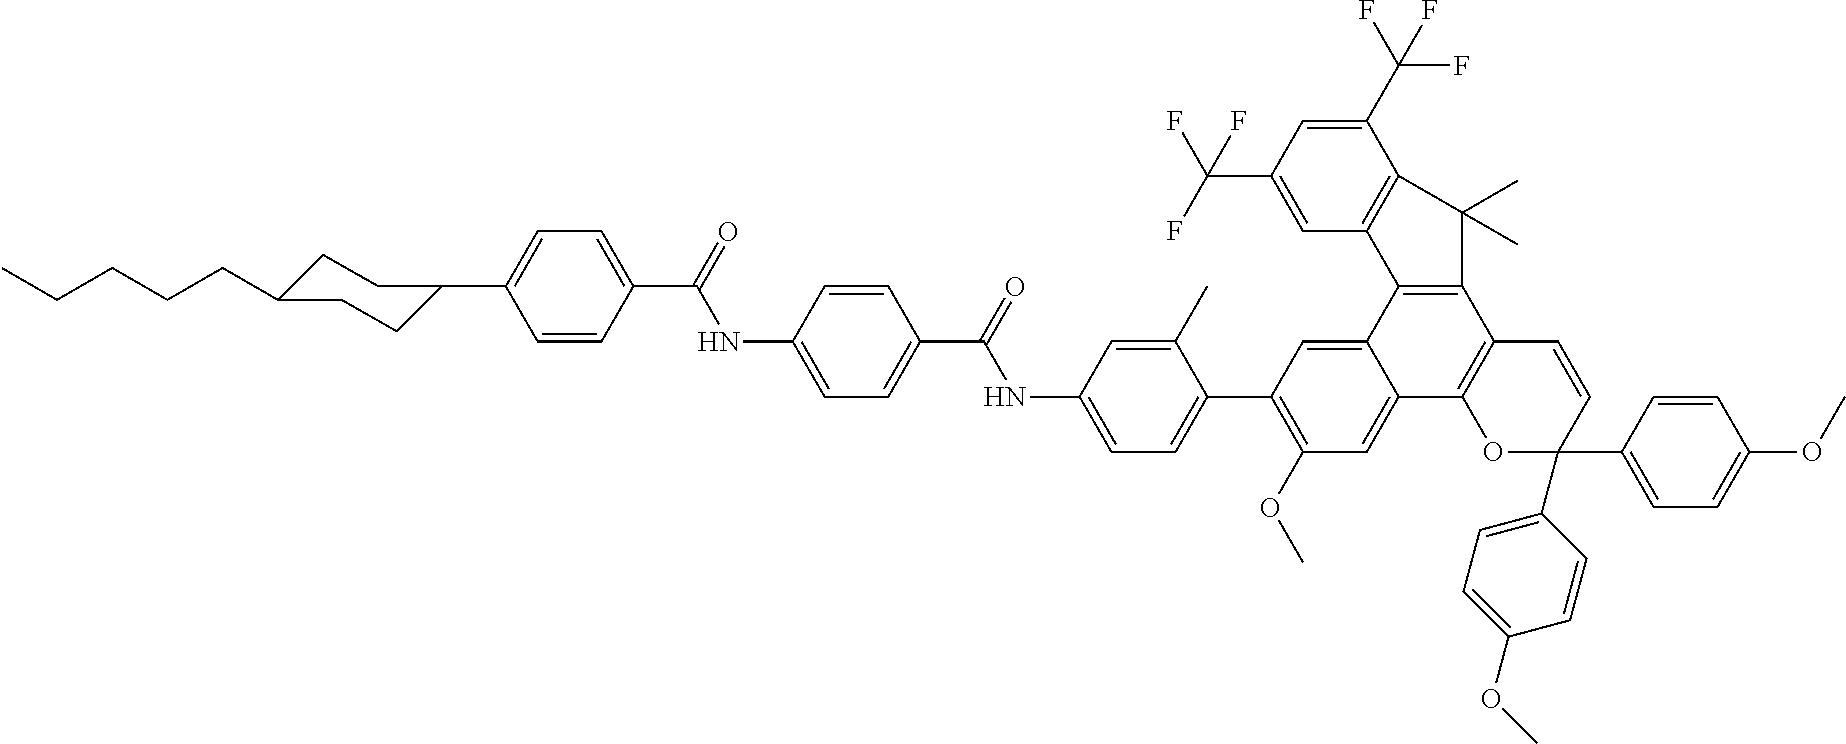 Figure US08518546-20130827-C00043